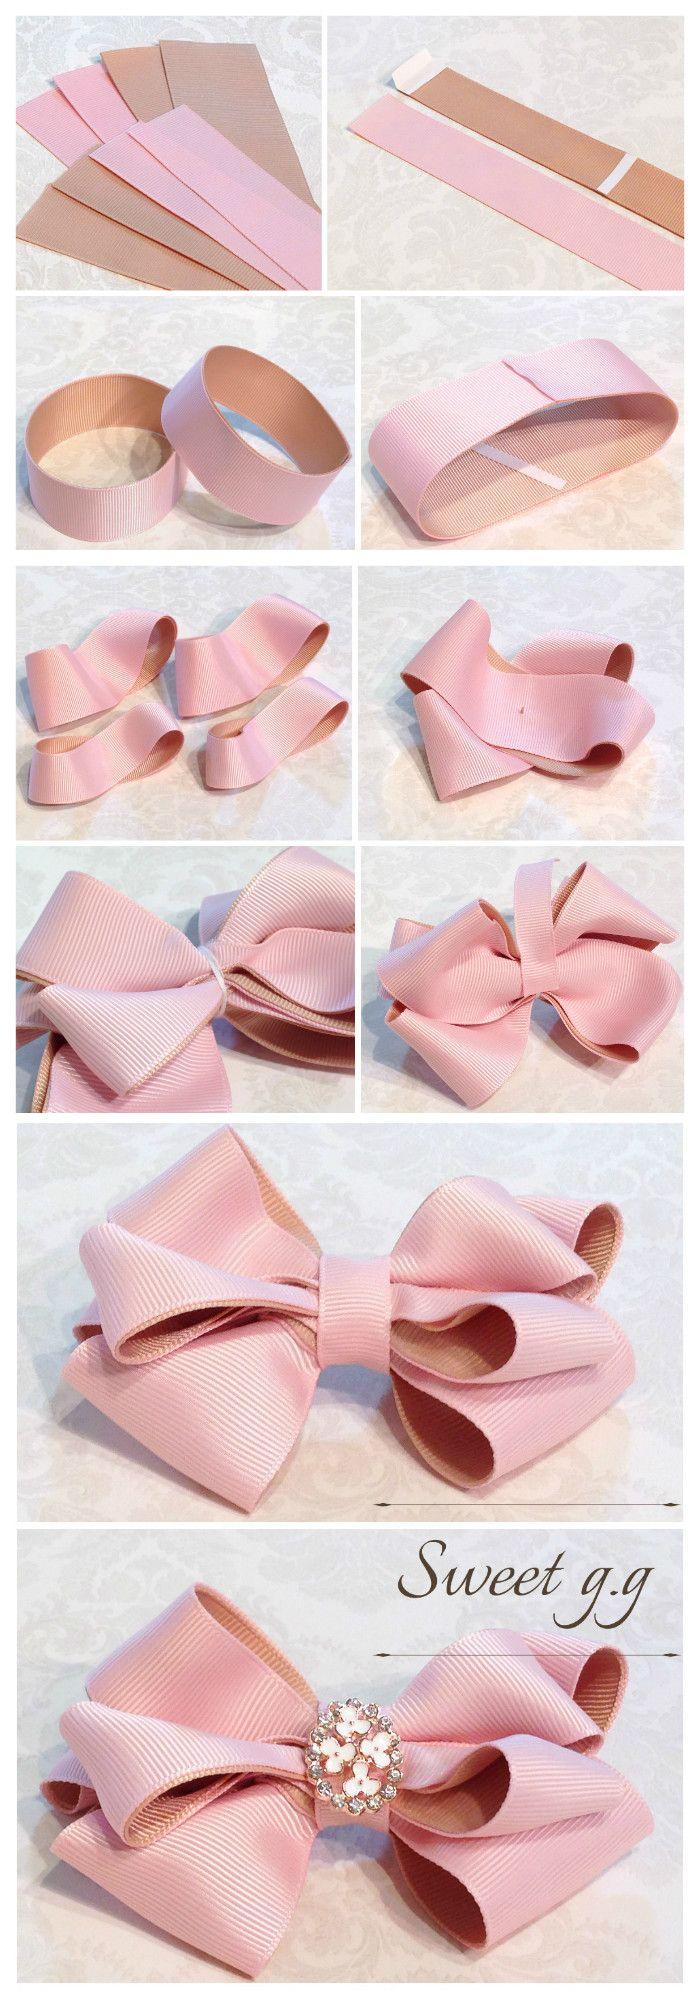 簡単 かわいいリボンの作り方 基本から応用まで Sweet雑貨 弓